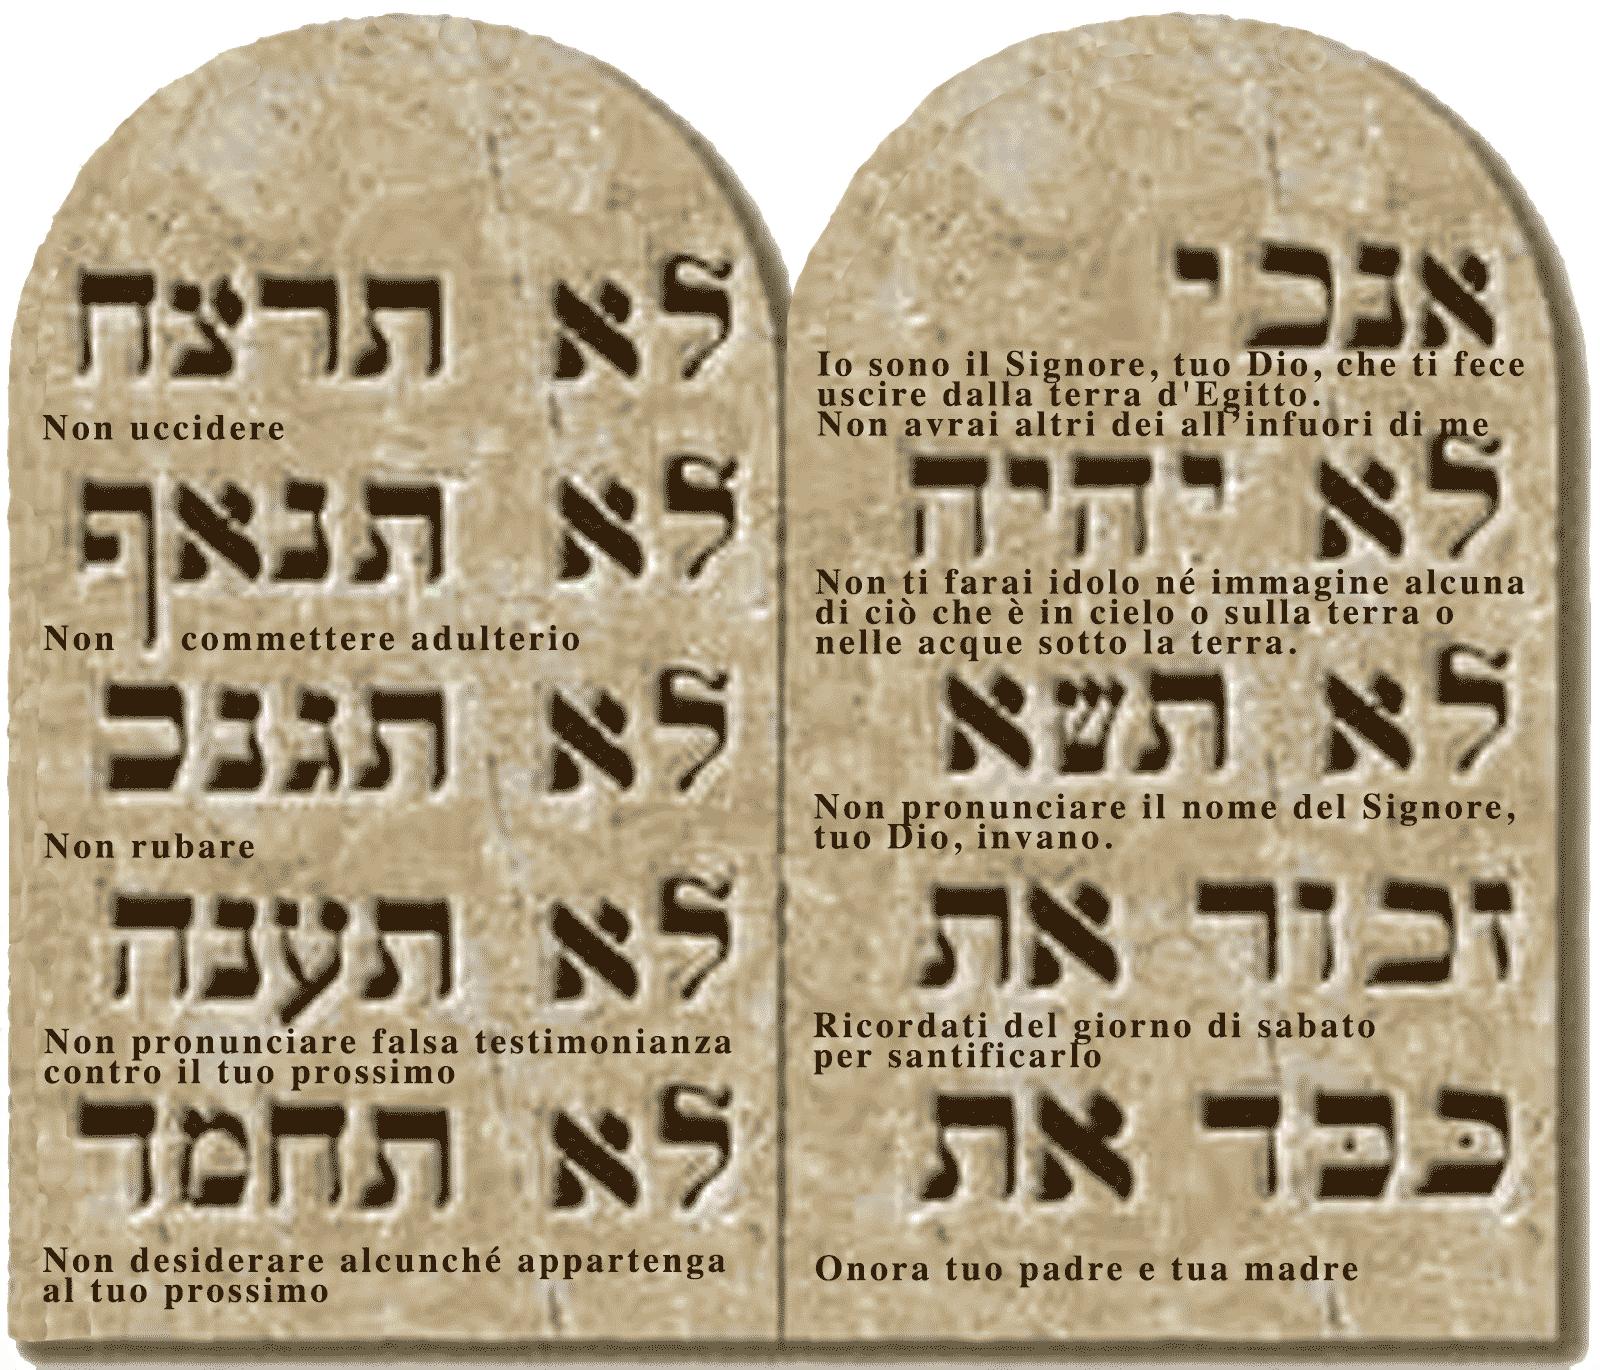 Dieci comandamenti tradotti in italiano